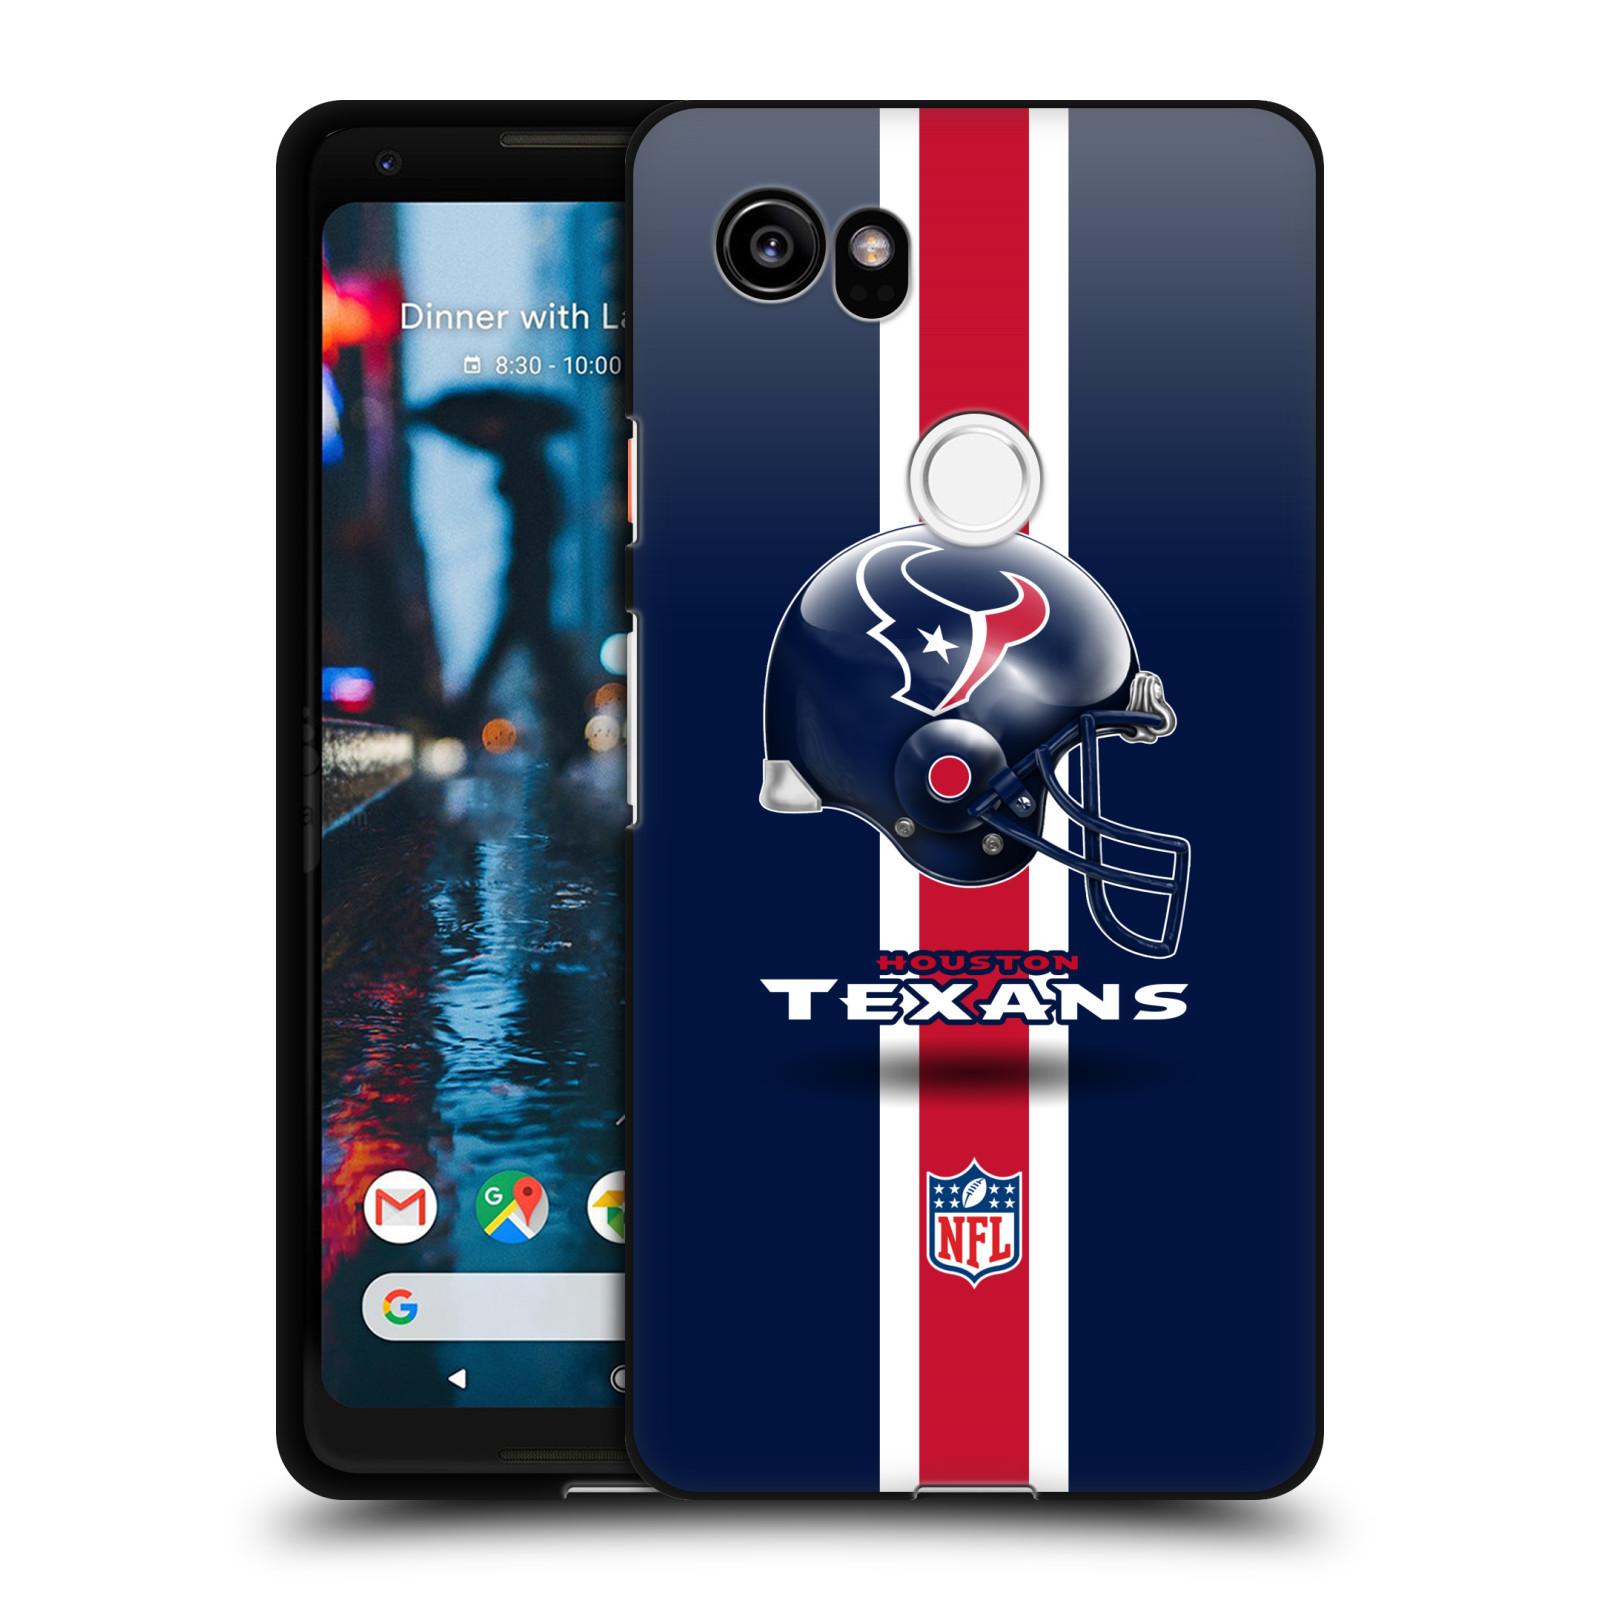 OFFICIEL-NFL-HOUSTON-TEXANS-LOGO-COQUE-EN-GEL-DOUX-NOIR-POUR-GOOGLE-TELEPHONES